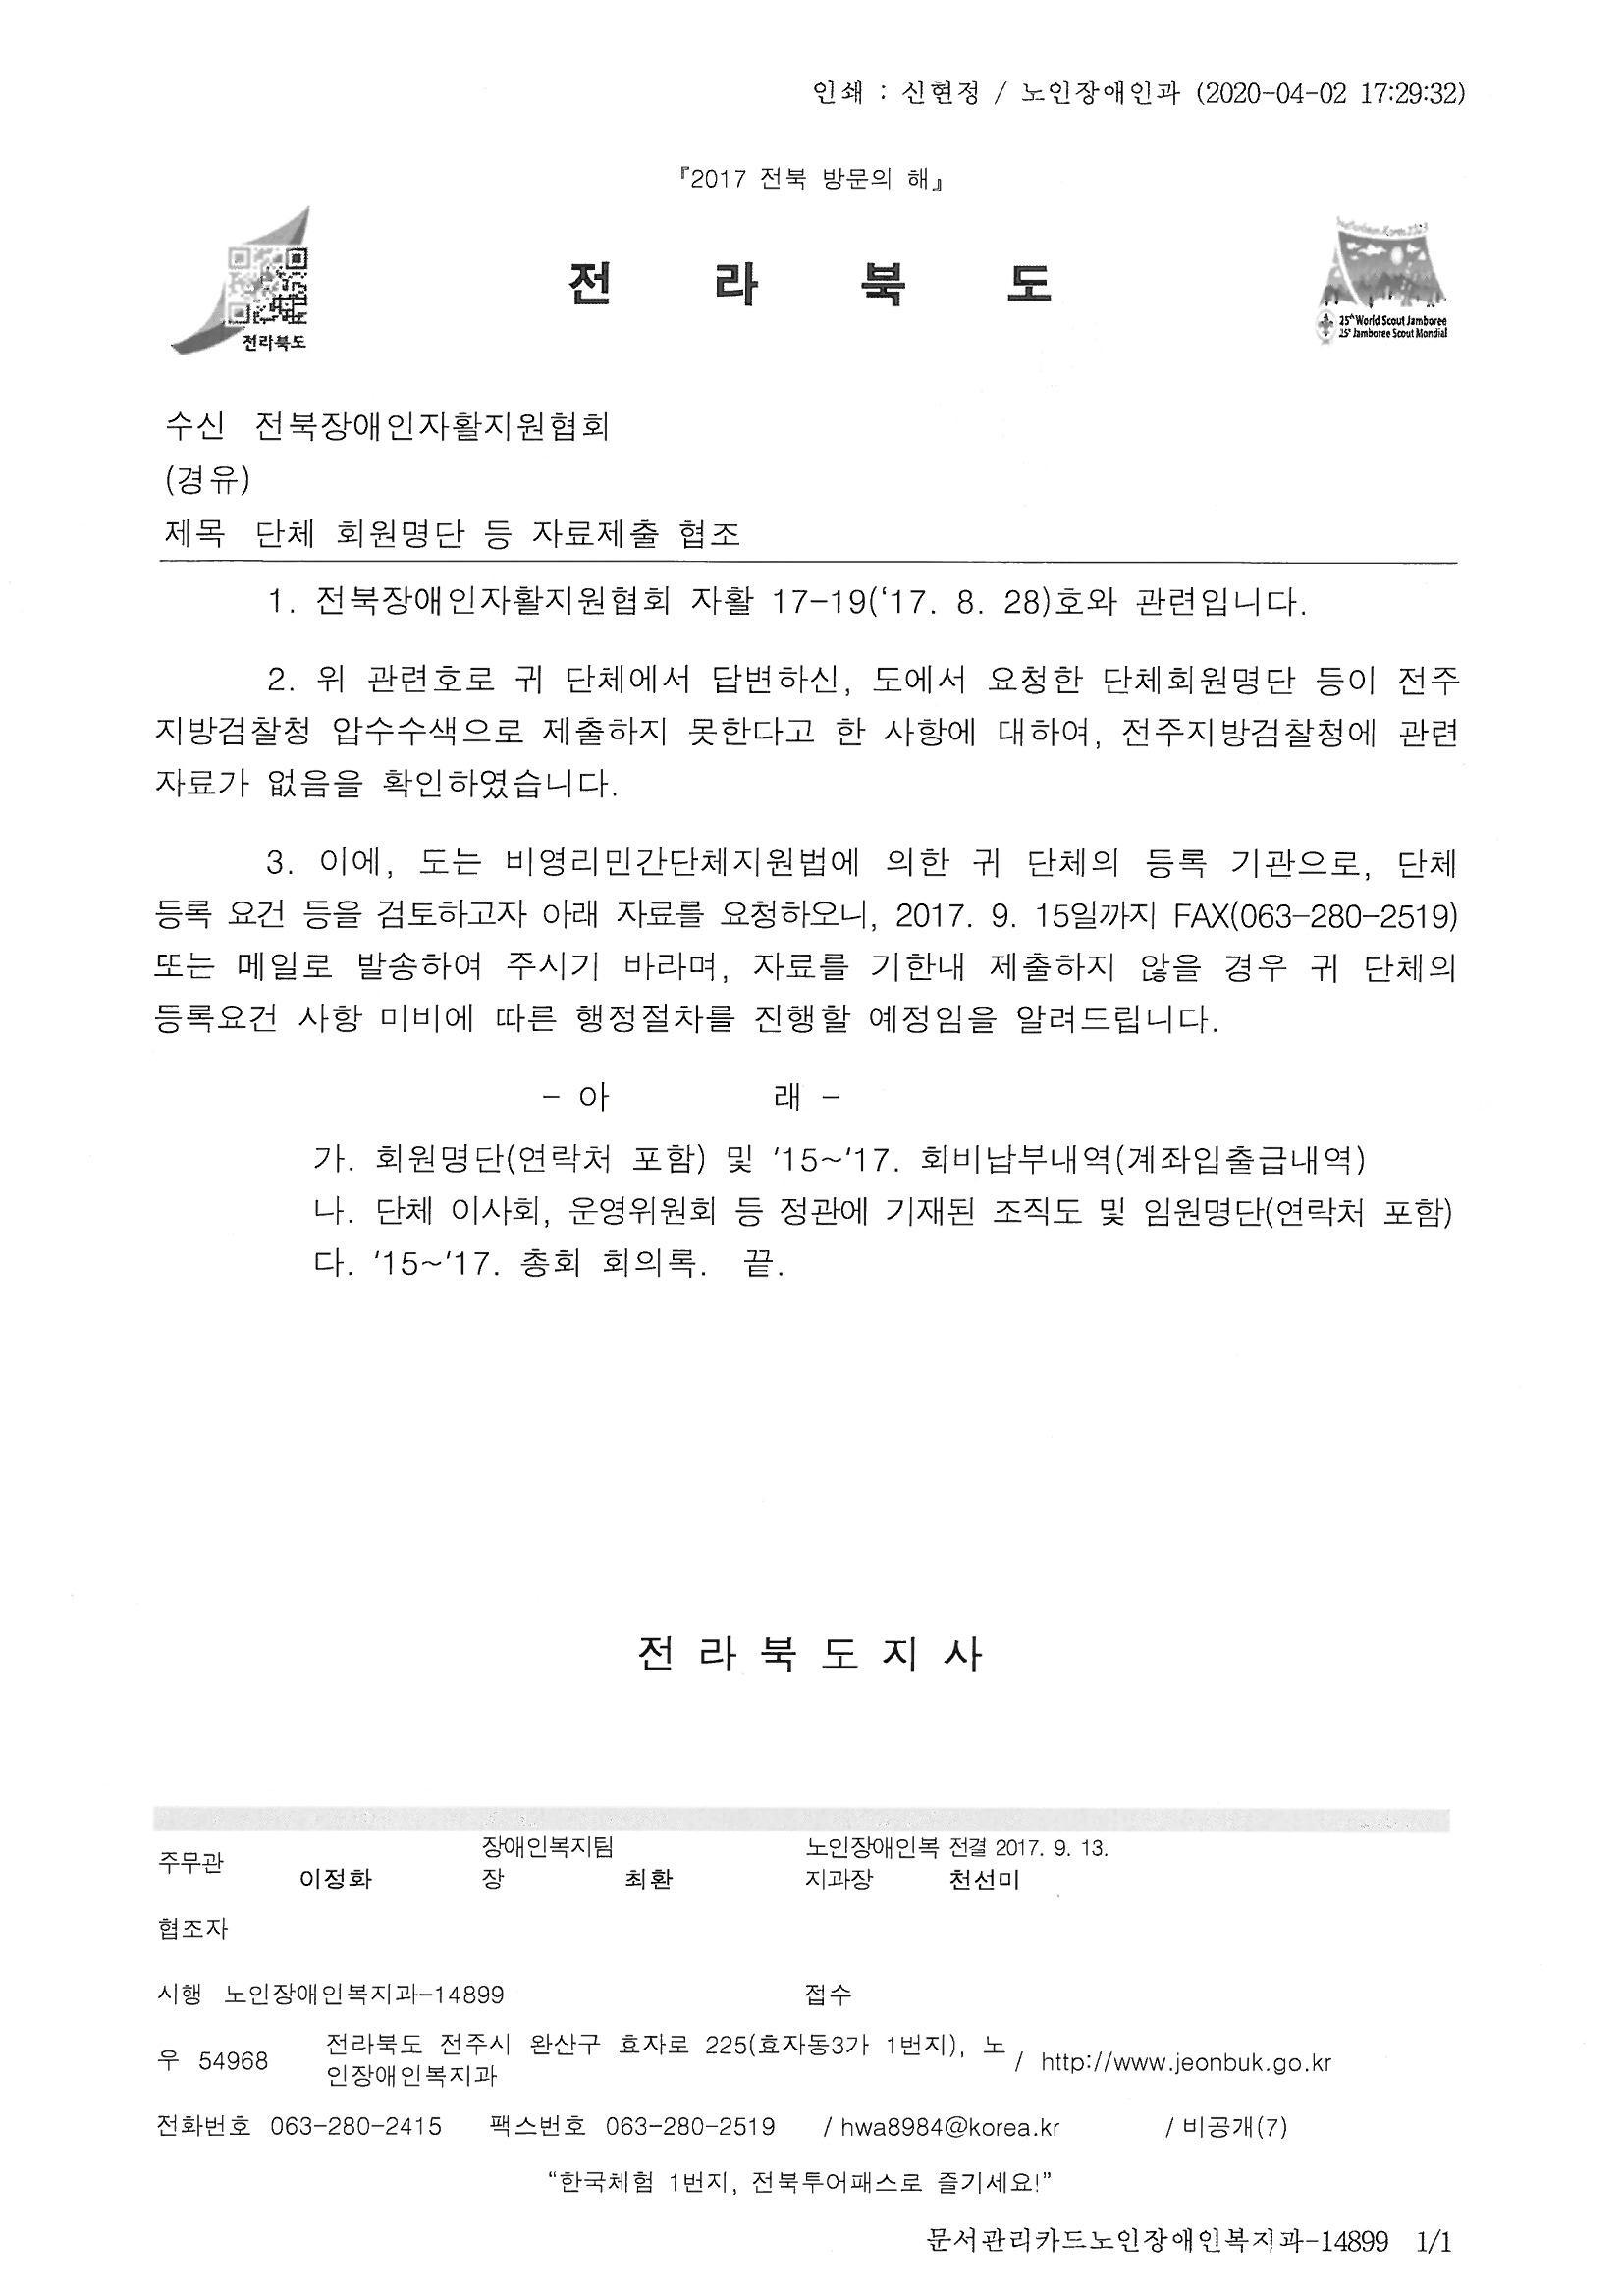 17.9.13_전북도 전북장애인자활지원협회 단체등록 말소 관련.jpg